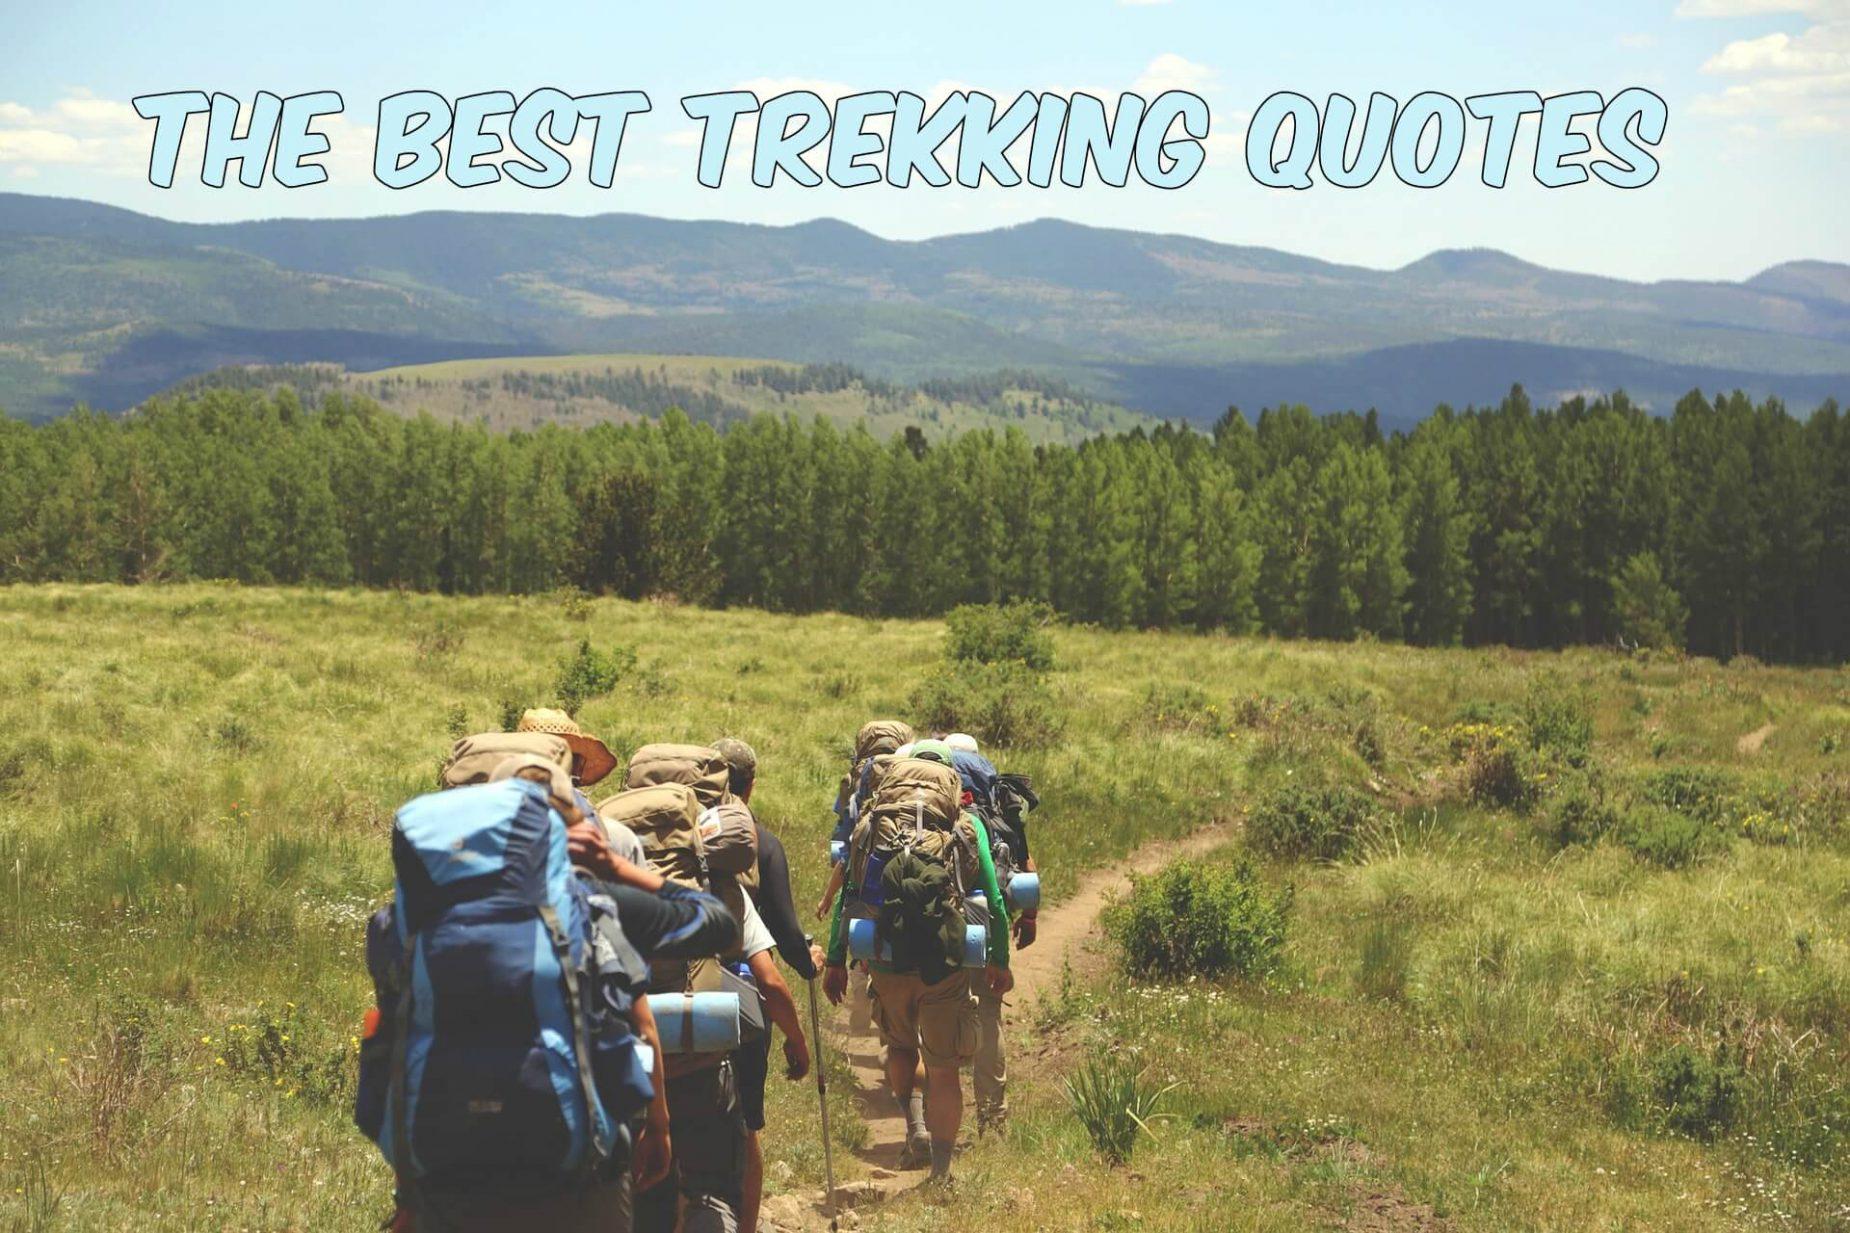 The Best Trekking Quotes